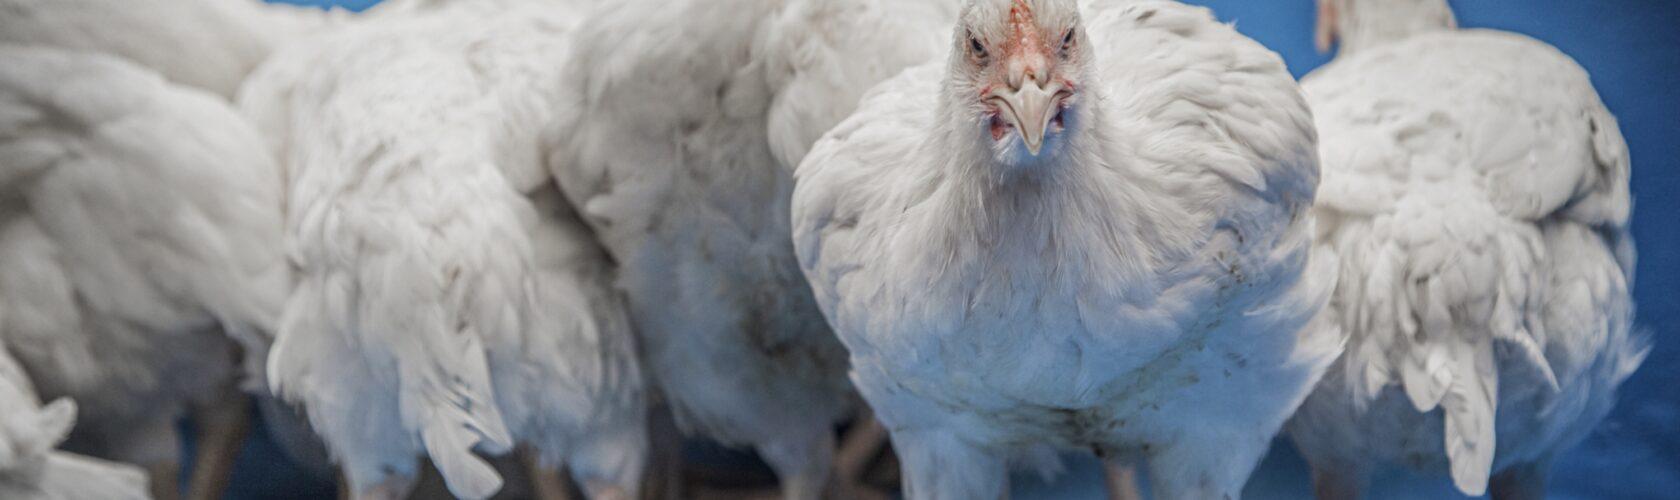 beeld kippen AH